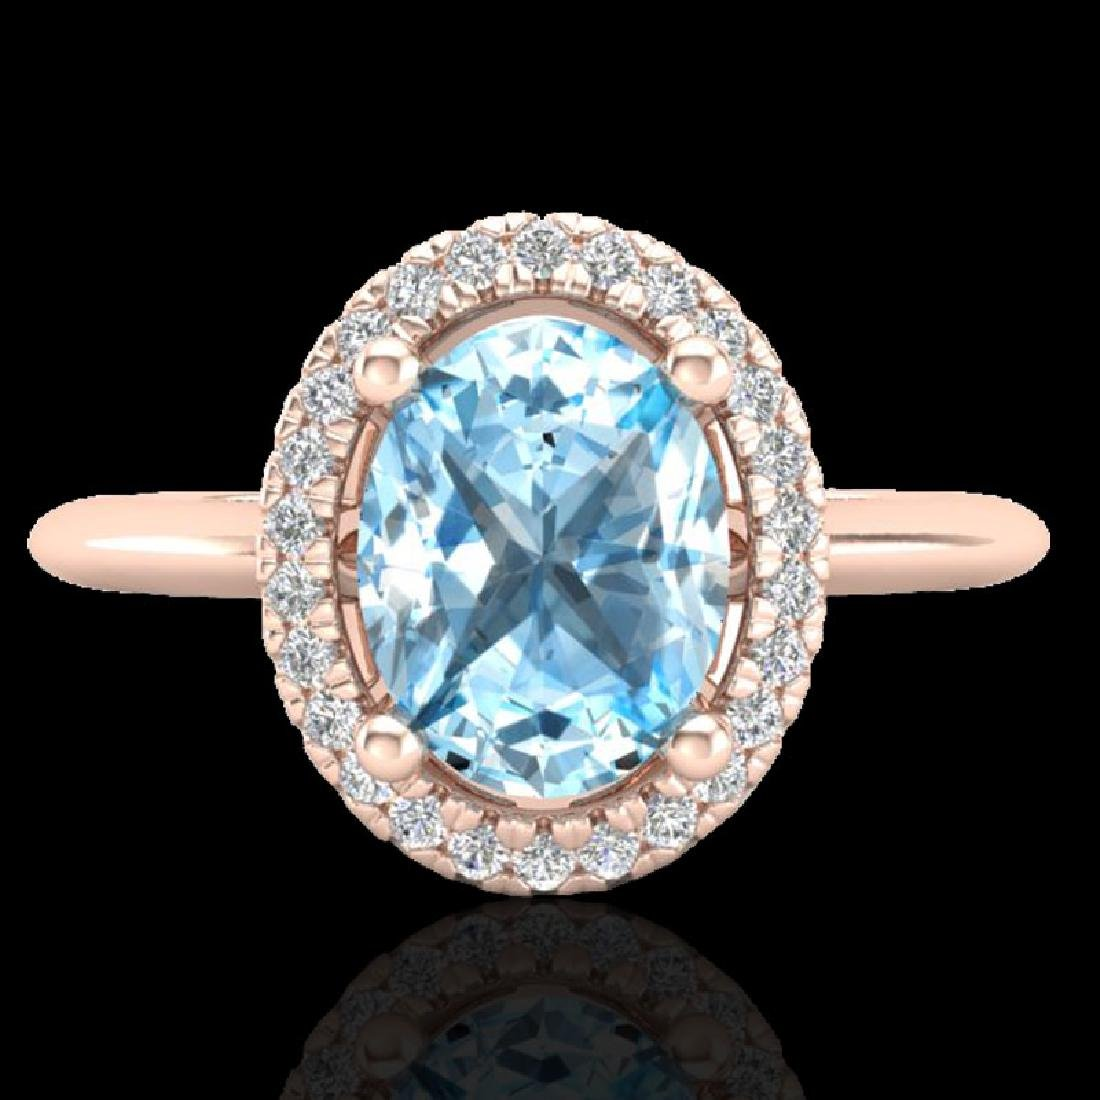 2 CTW Sky Blue Topaz & Micro VS/SI Diamond Ring